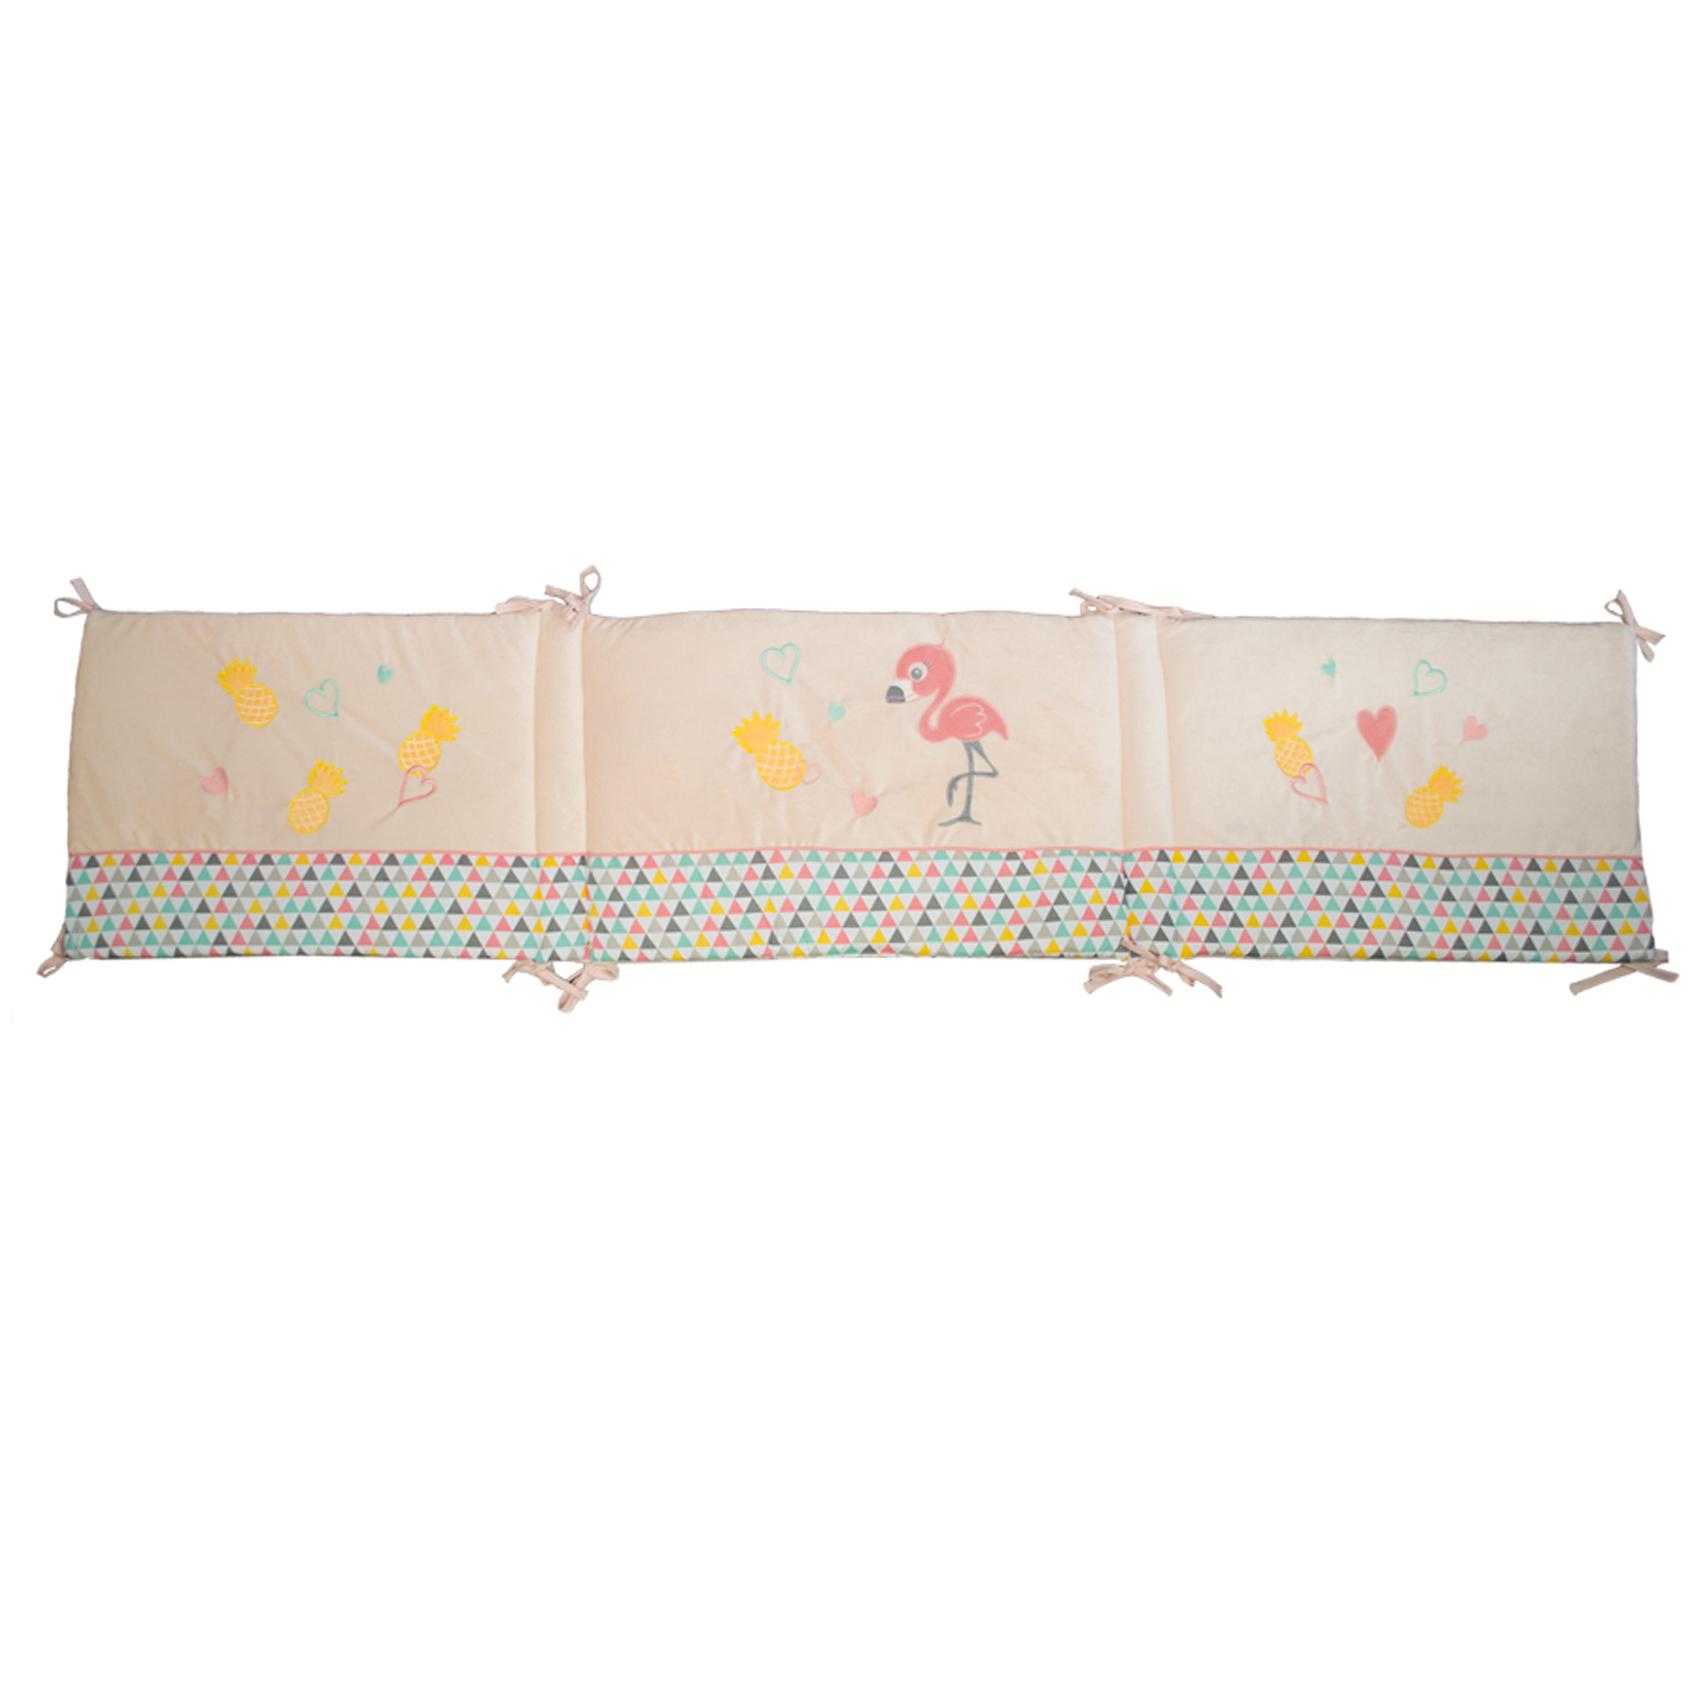 Tour de lit bébé adaptable flaminco Rose 40x180